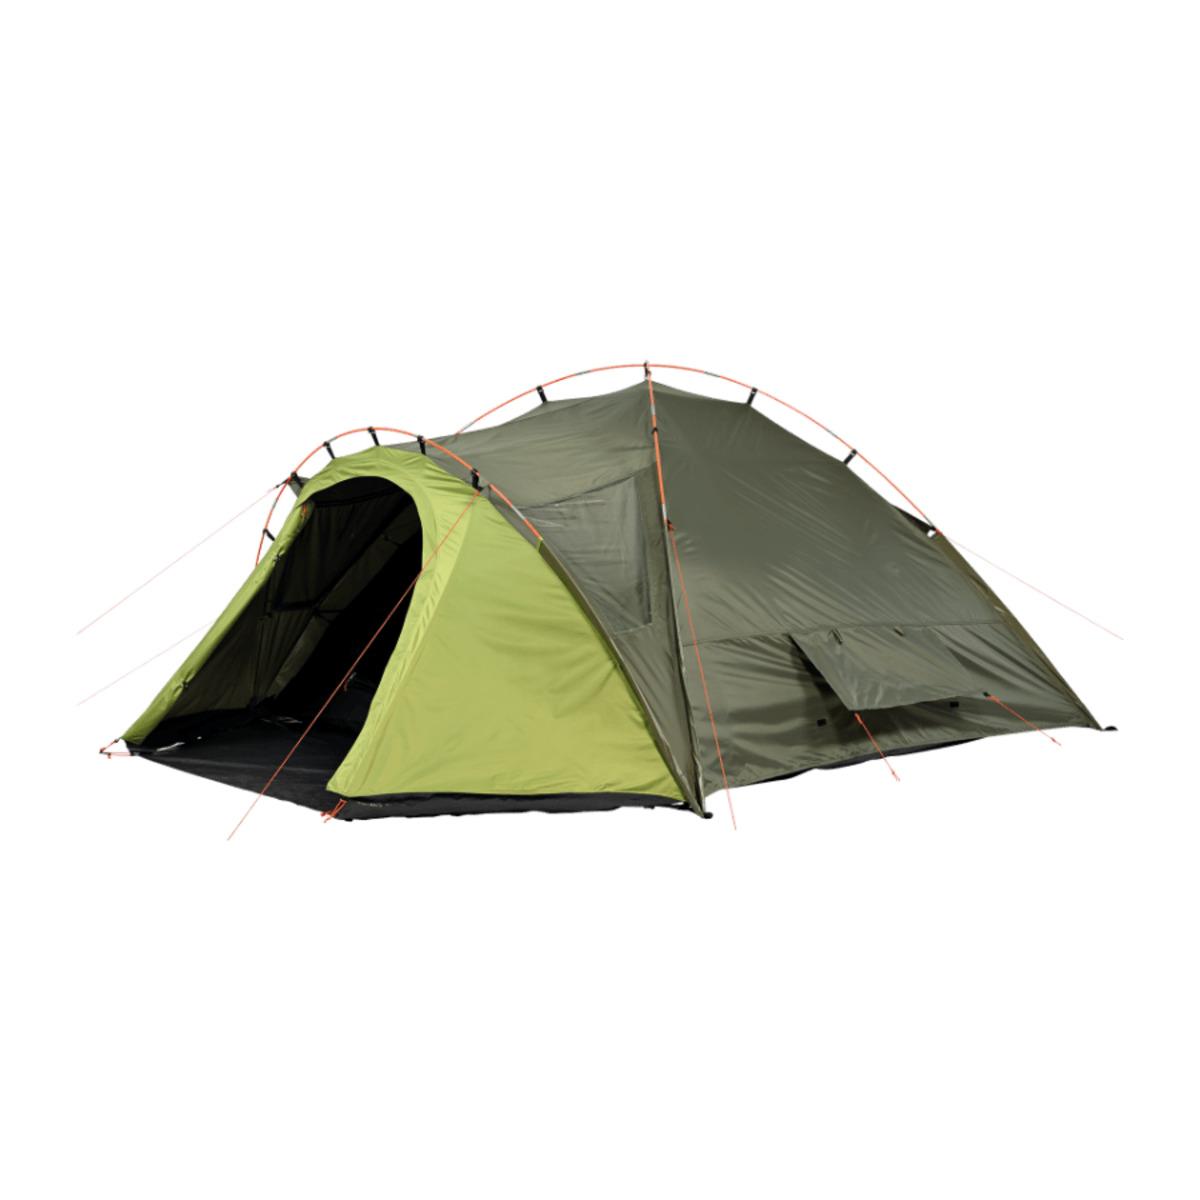 Bild 2 von FUN CAMP     Iglu-Doppeldach-Zelt